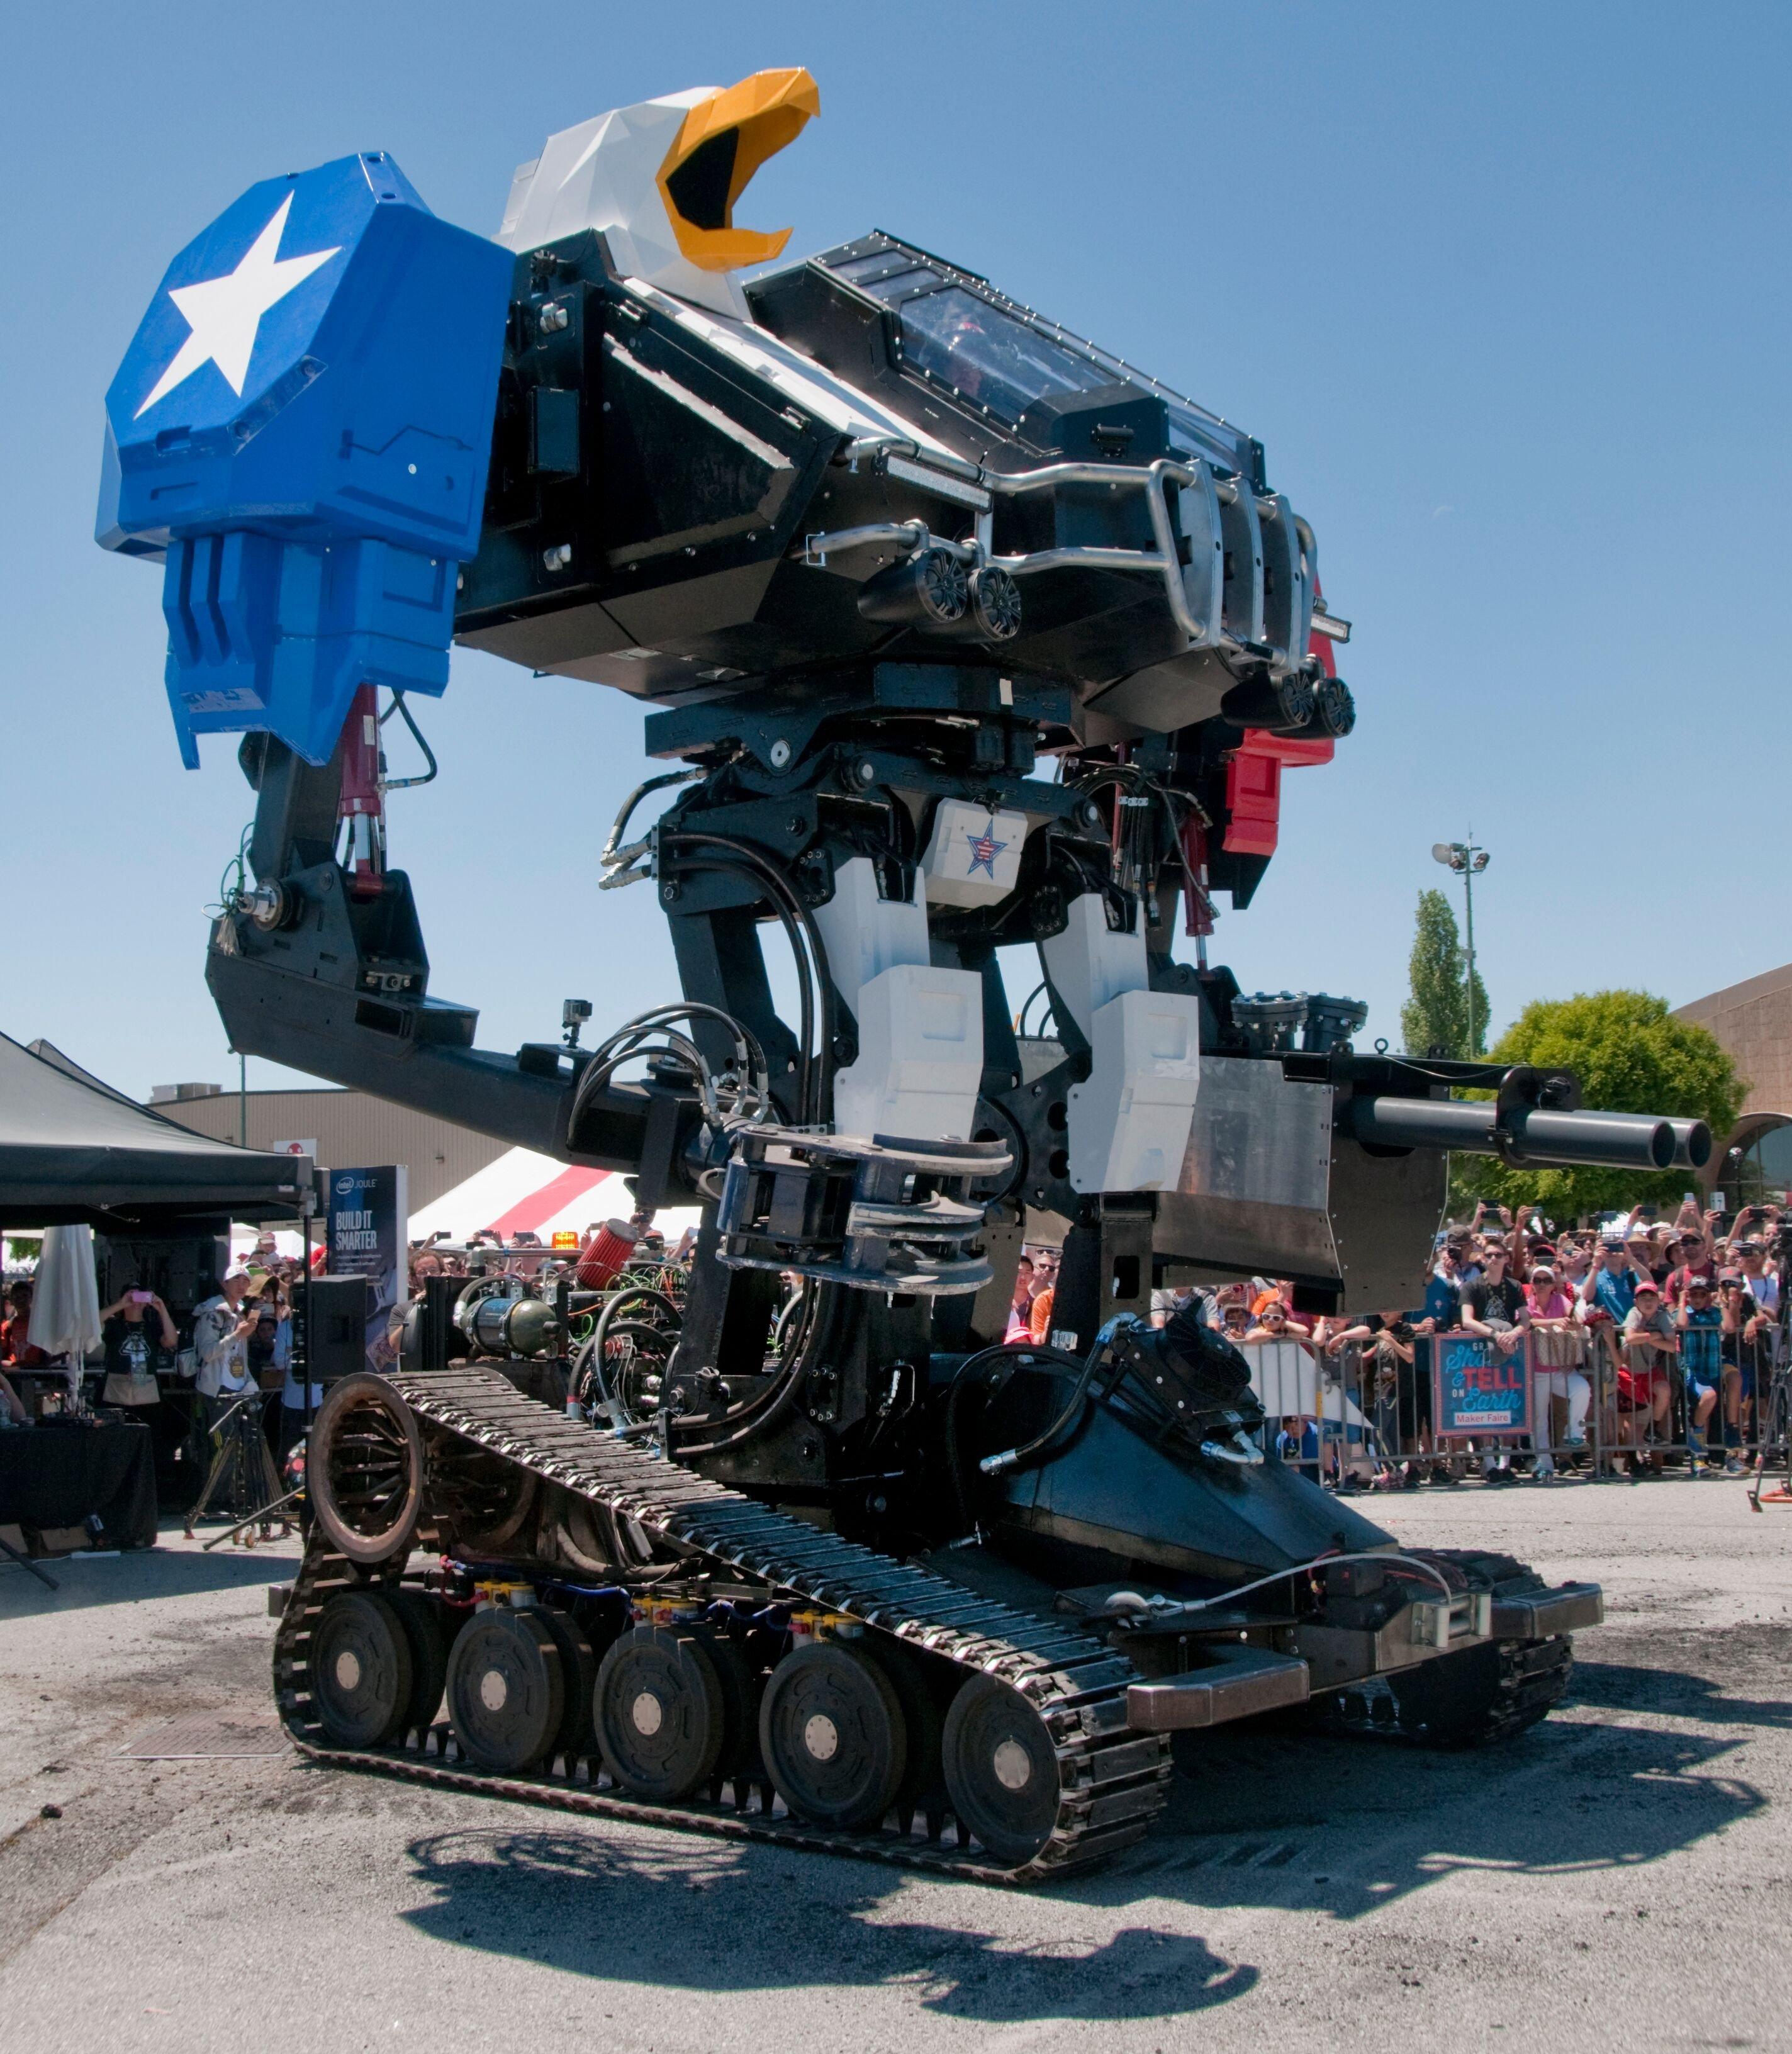 боевые роботы картинки для презентации будет выглядеть